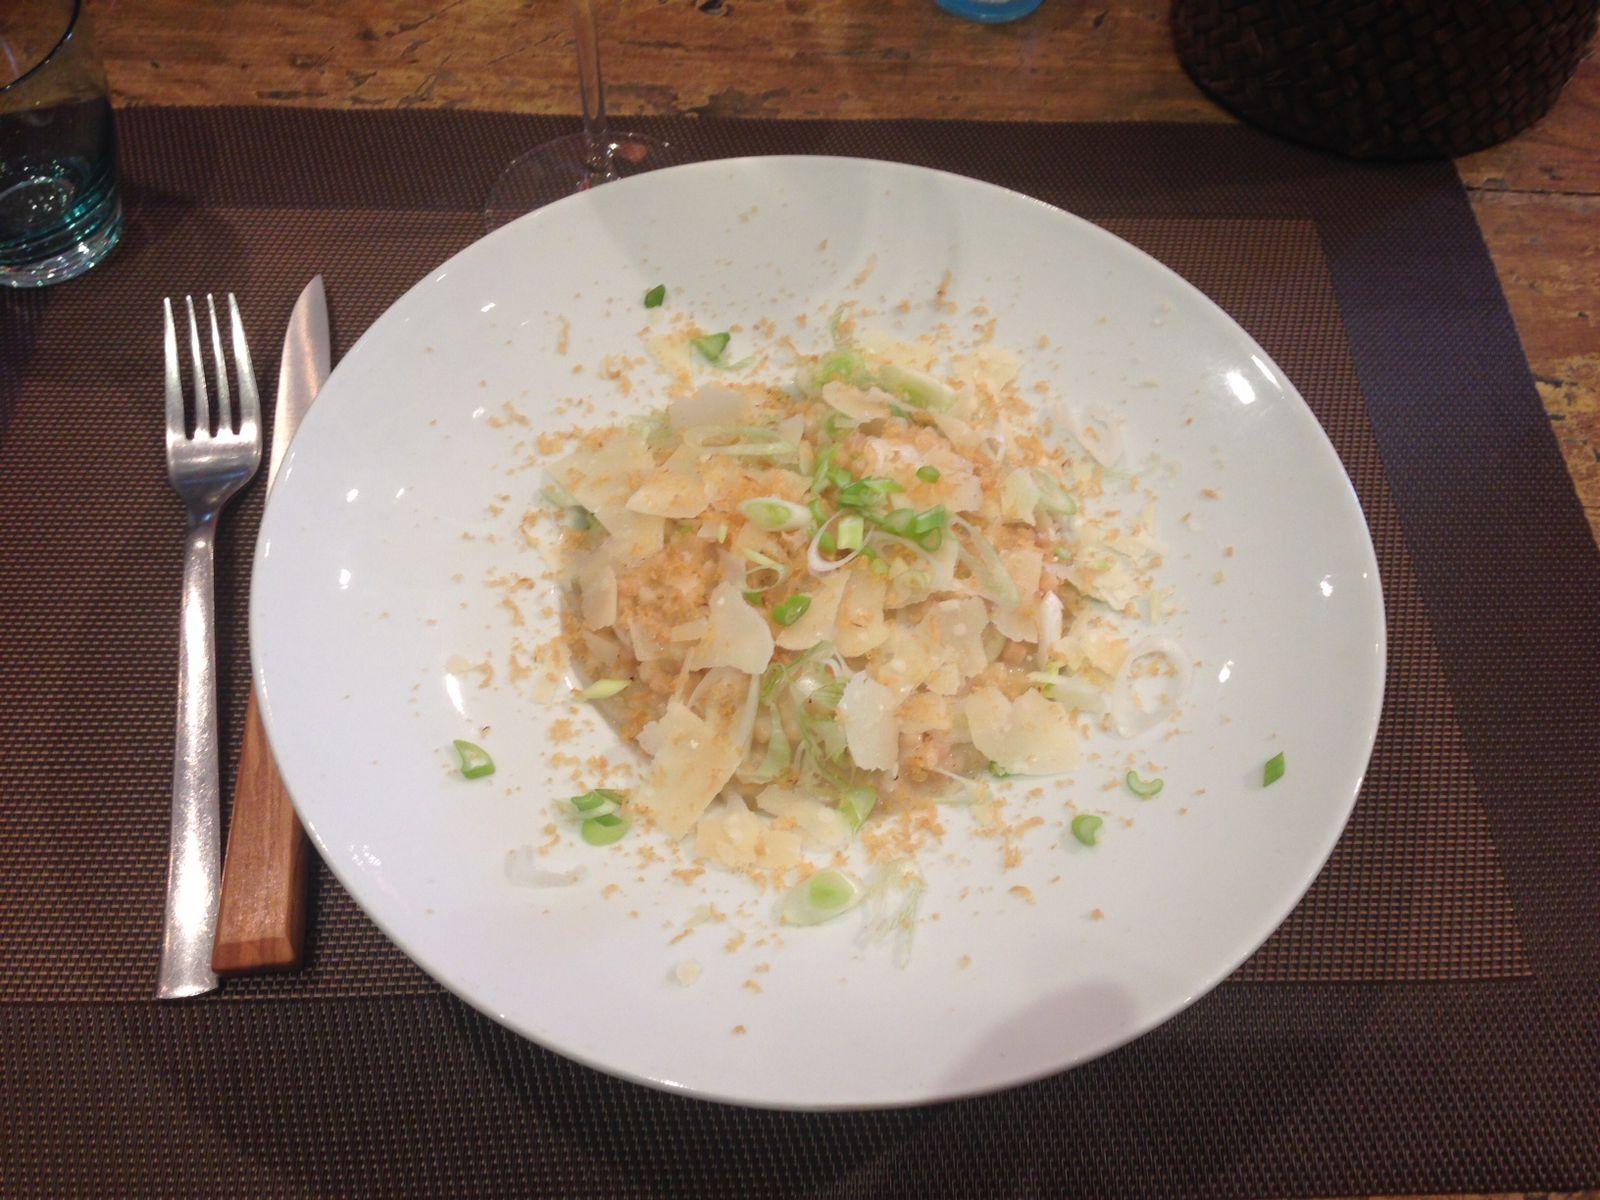 C'est au tour du plat. Fregola façon risotto, oignon frais, poutargue et parmesan.